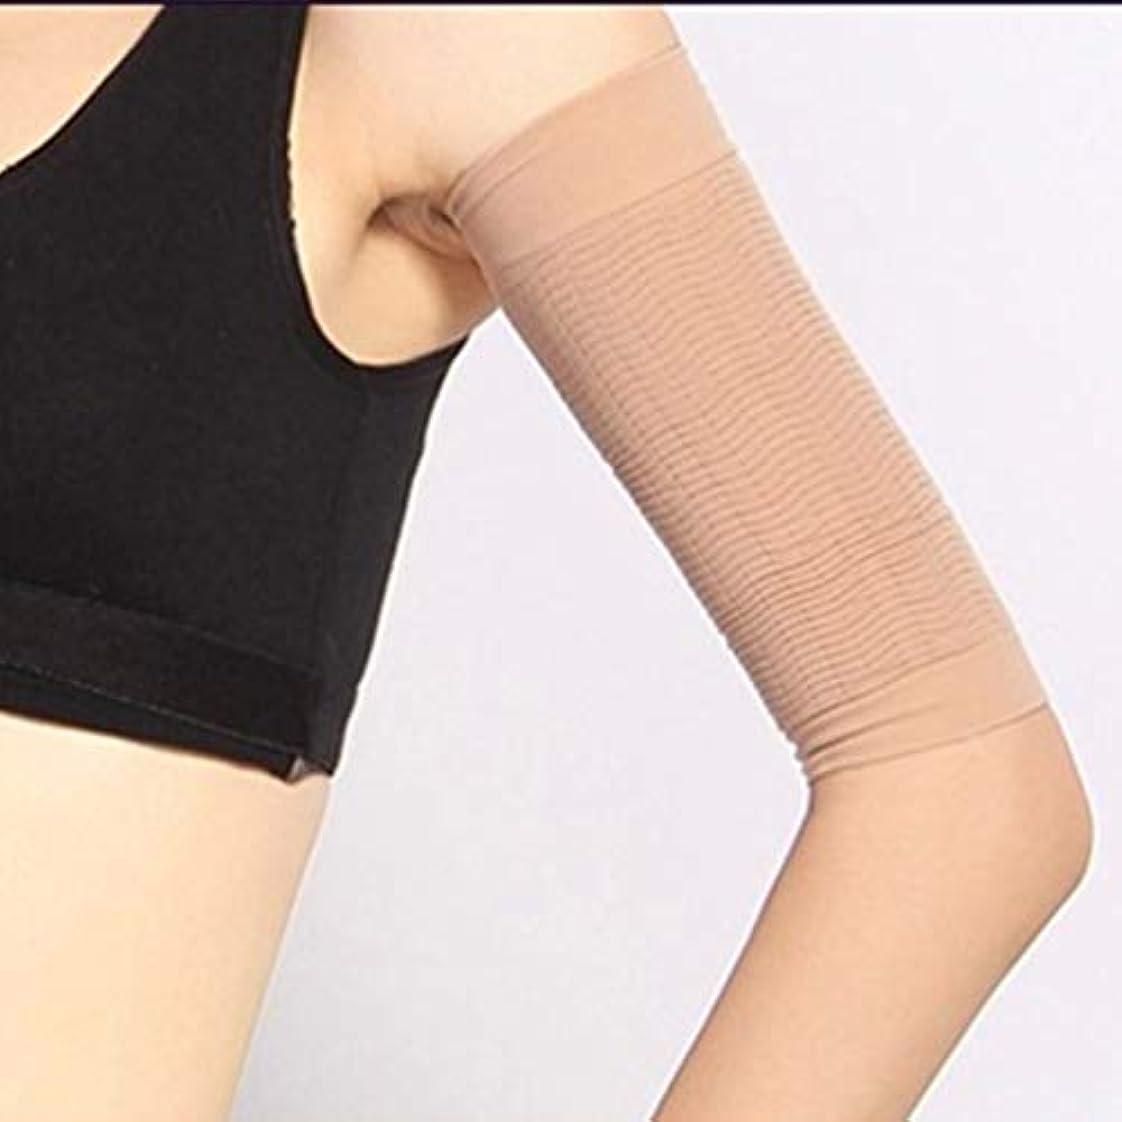 立方体下位水平1ペア420 D圧縮痩身アームスリーブワークアウトトーニングバーンセルライトシェイパー脂肪燃焼袖用女性 - 肌色